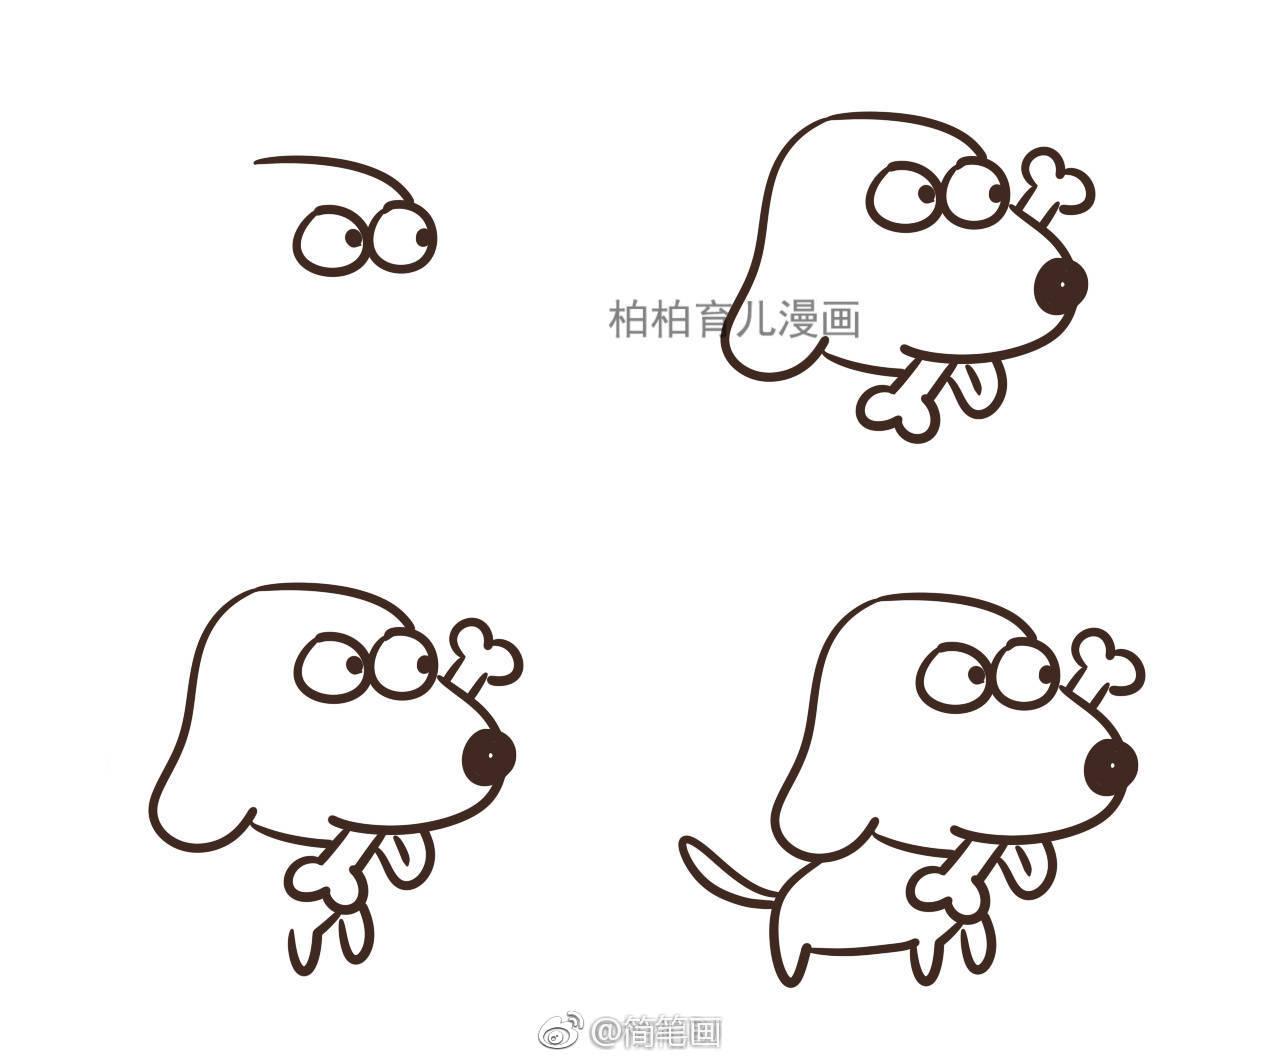 9种可爱的狗狗简笔画小教程(by:柏柏bj)